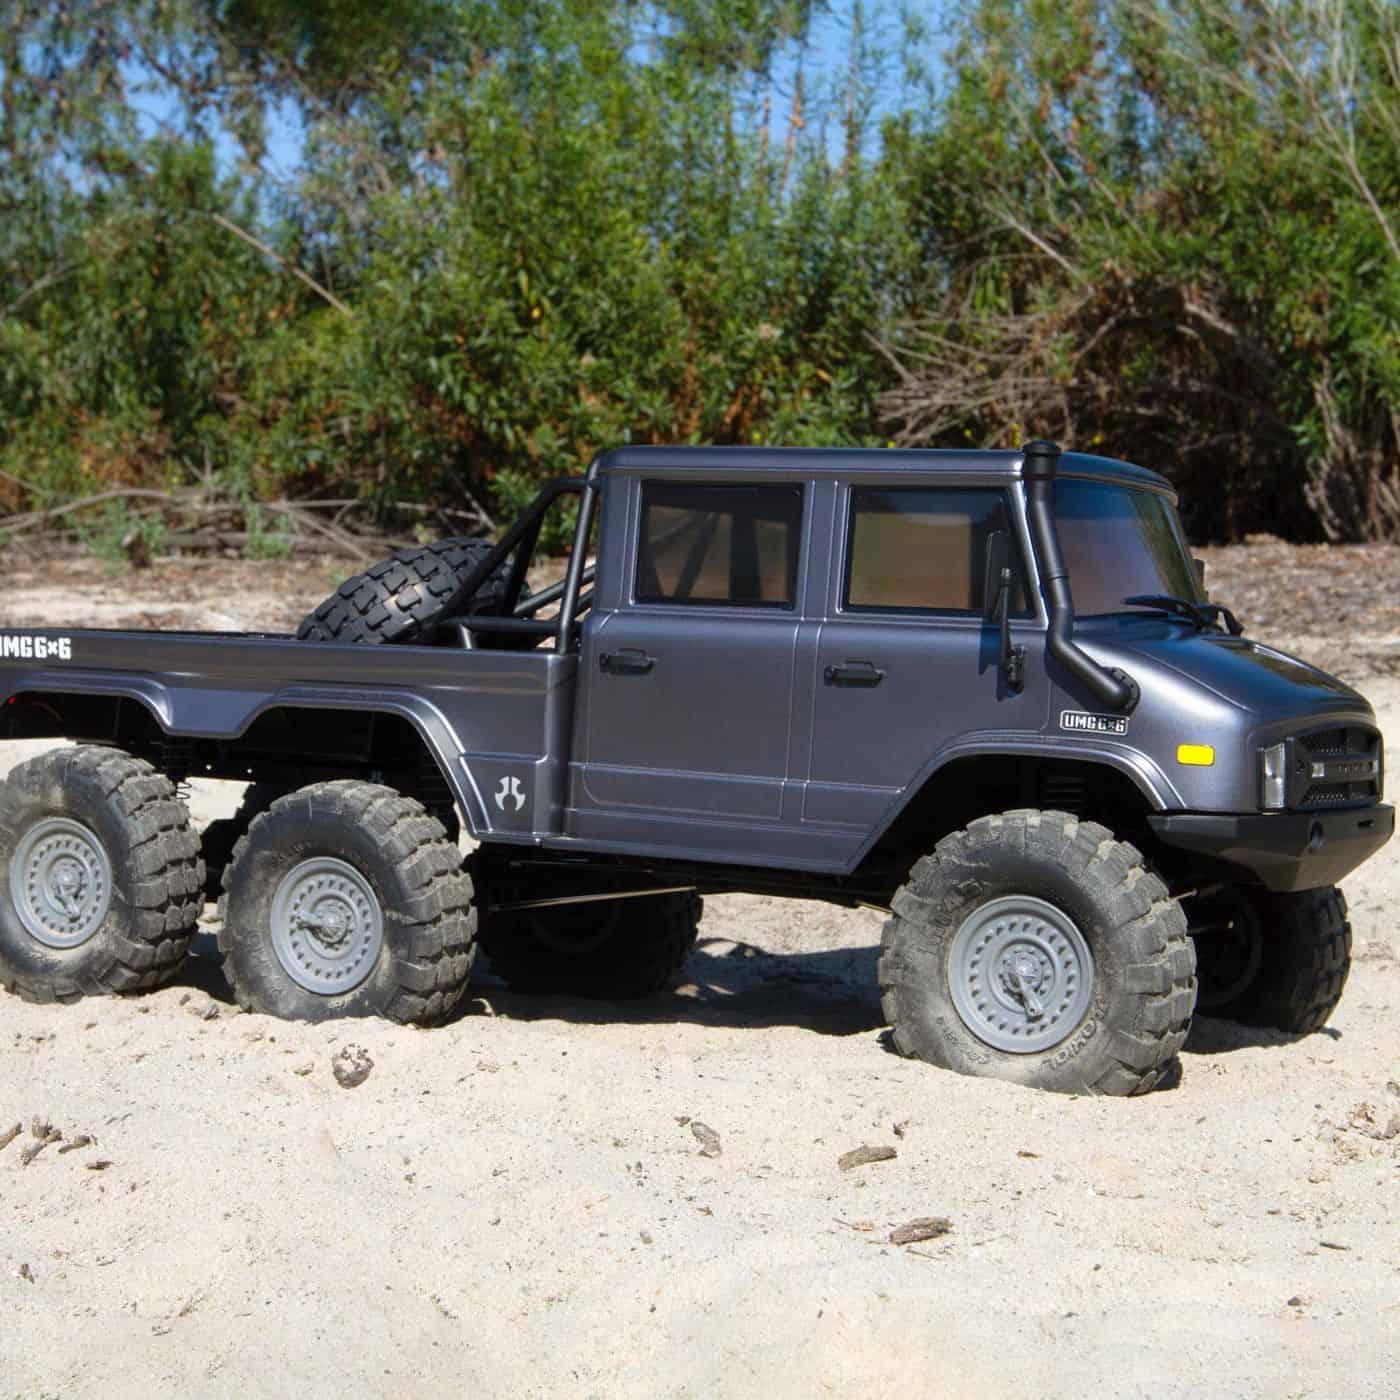 Axial SCX10 II UMG10 6×6